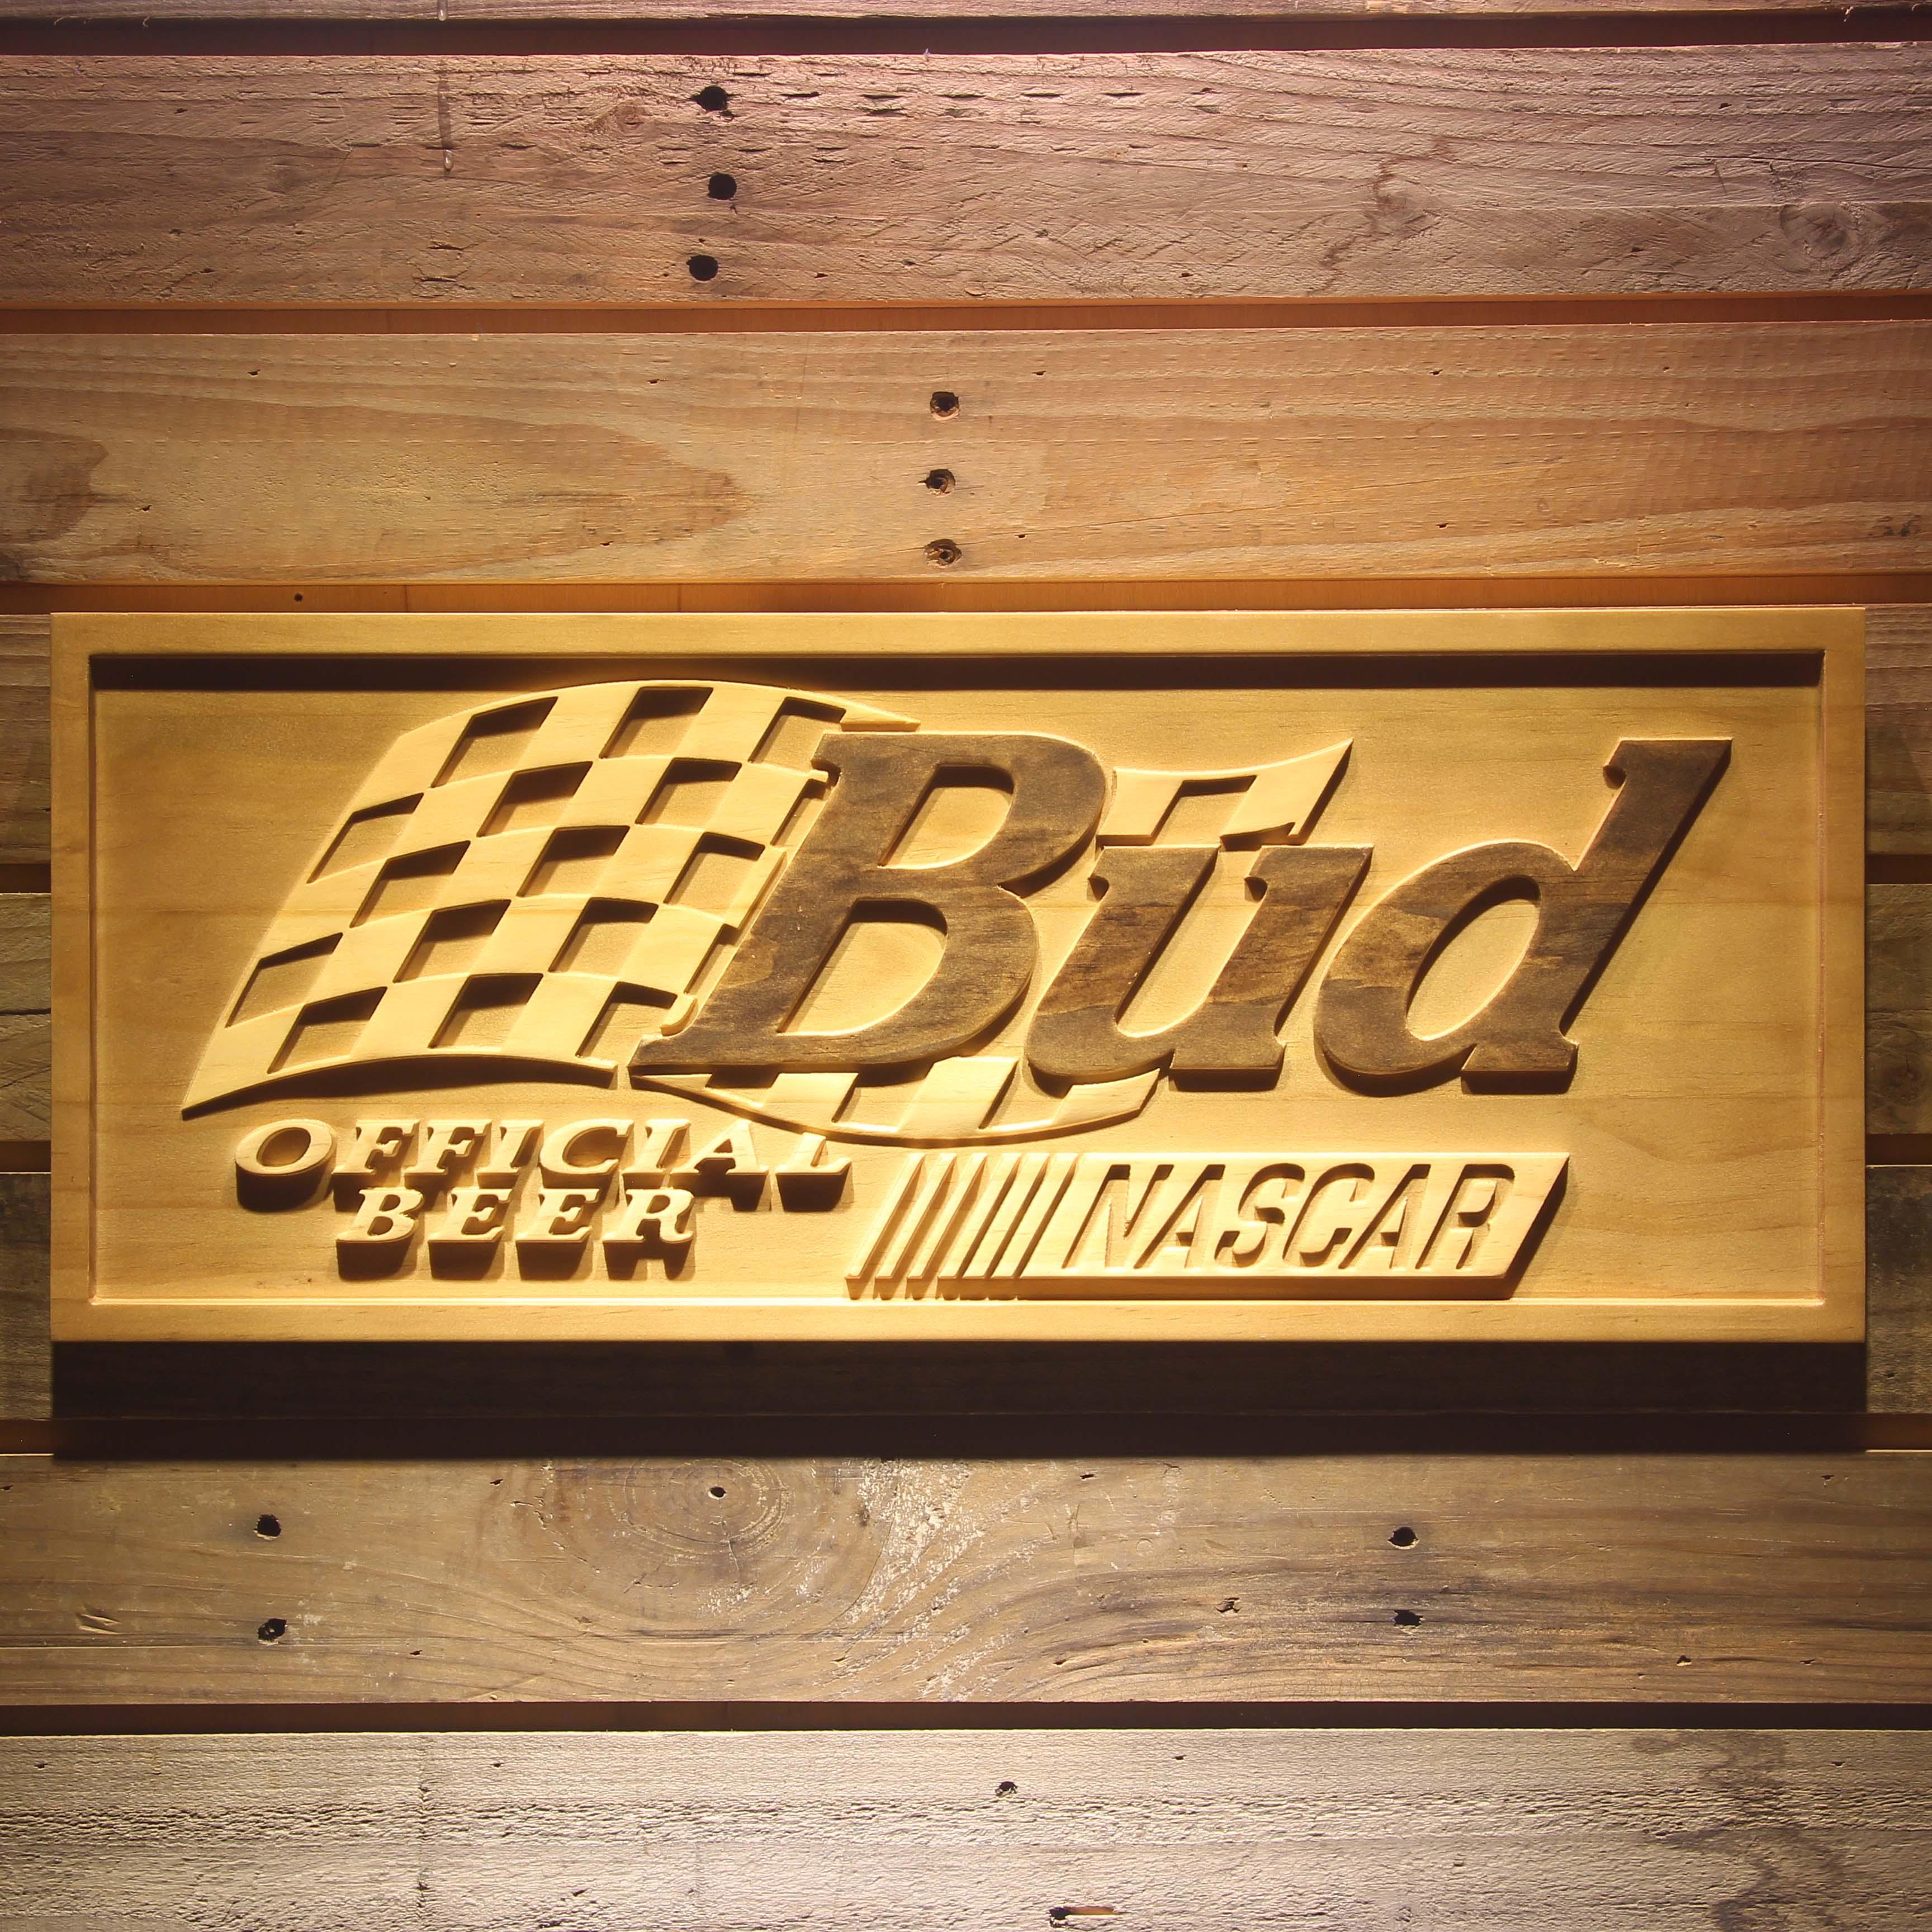 Bud x NASCAR Beer 3D Wooden Bar Sign